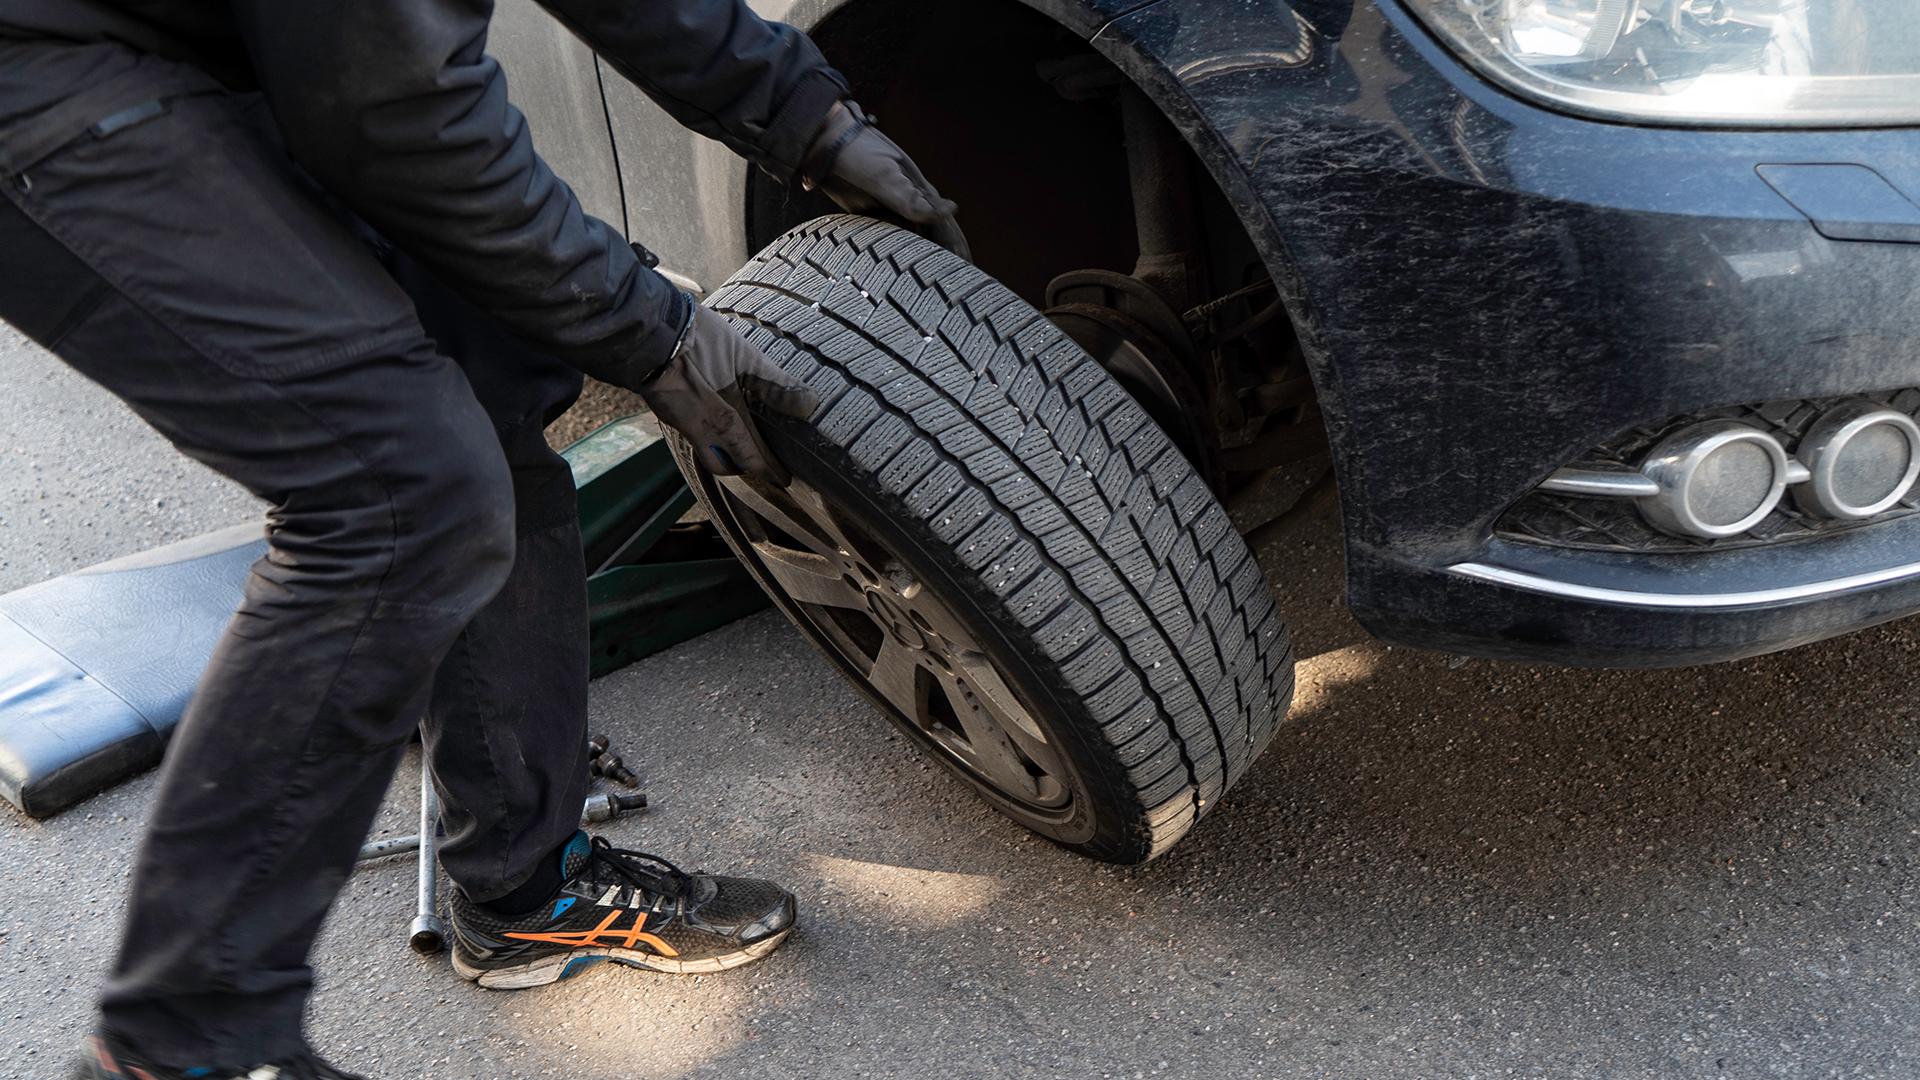 Tag hjulet af bilen